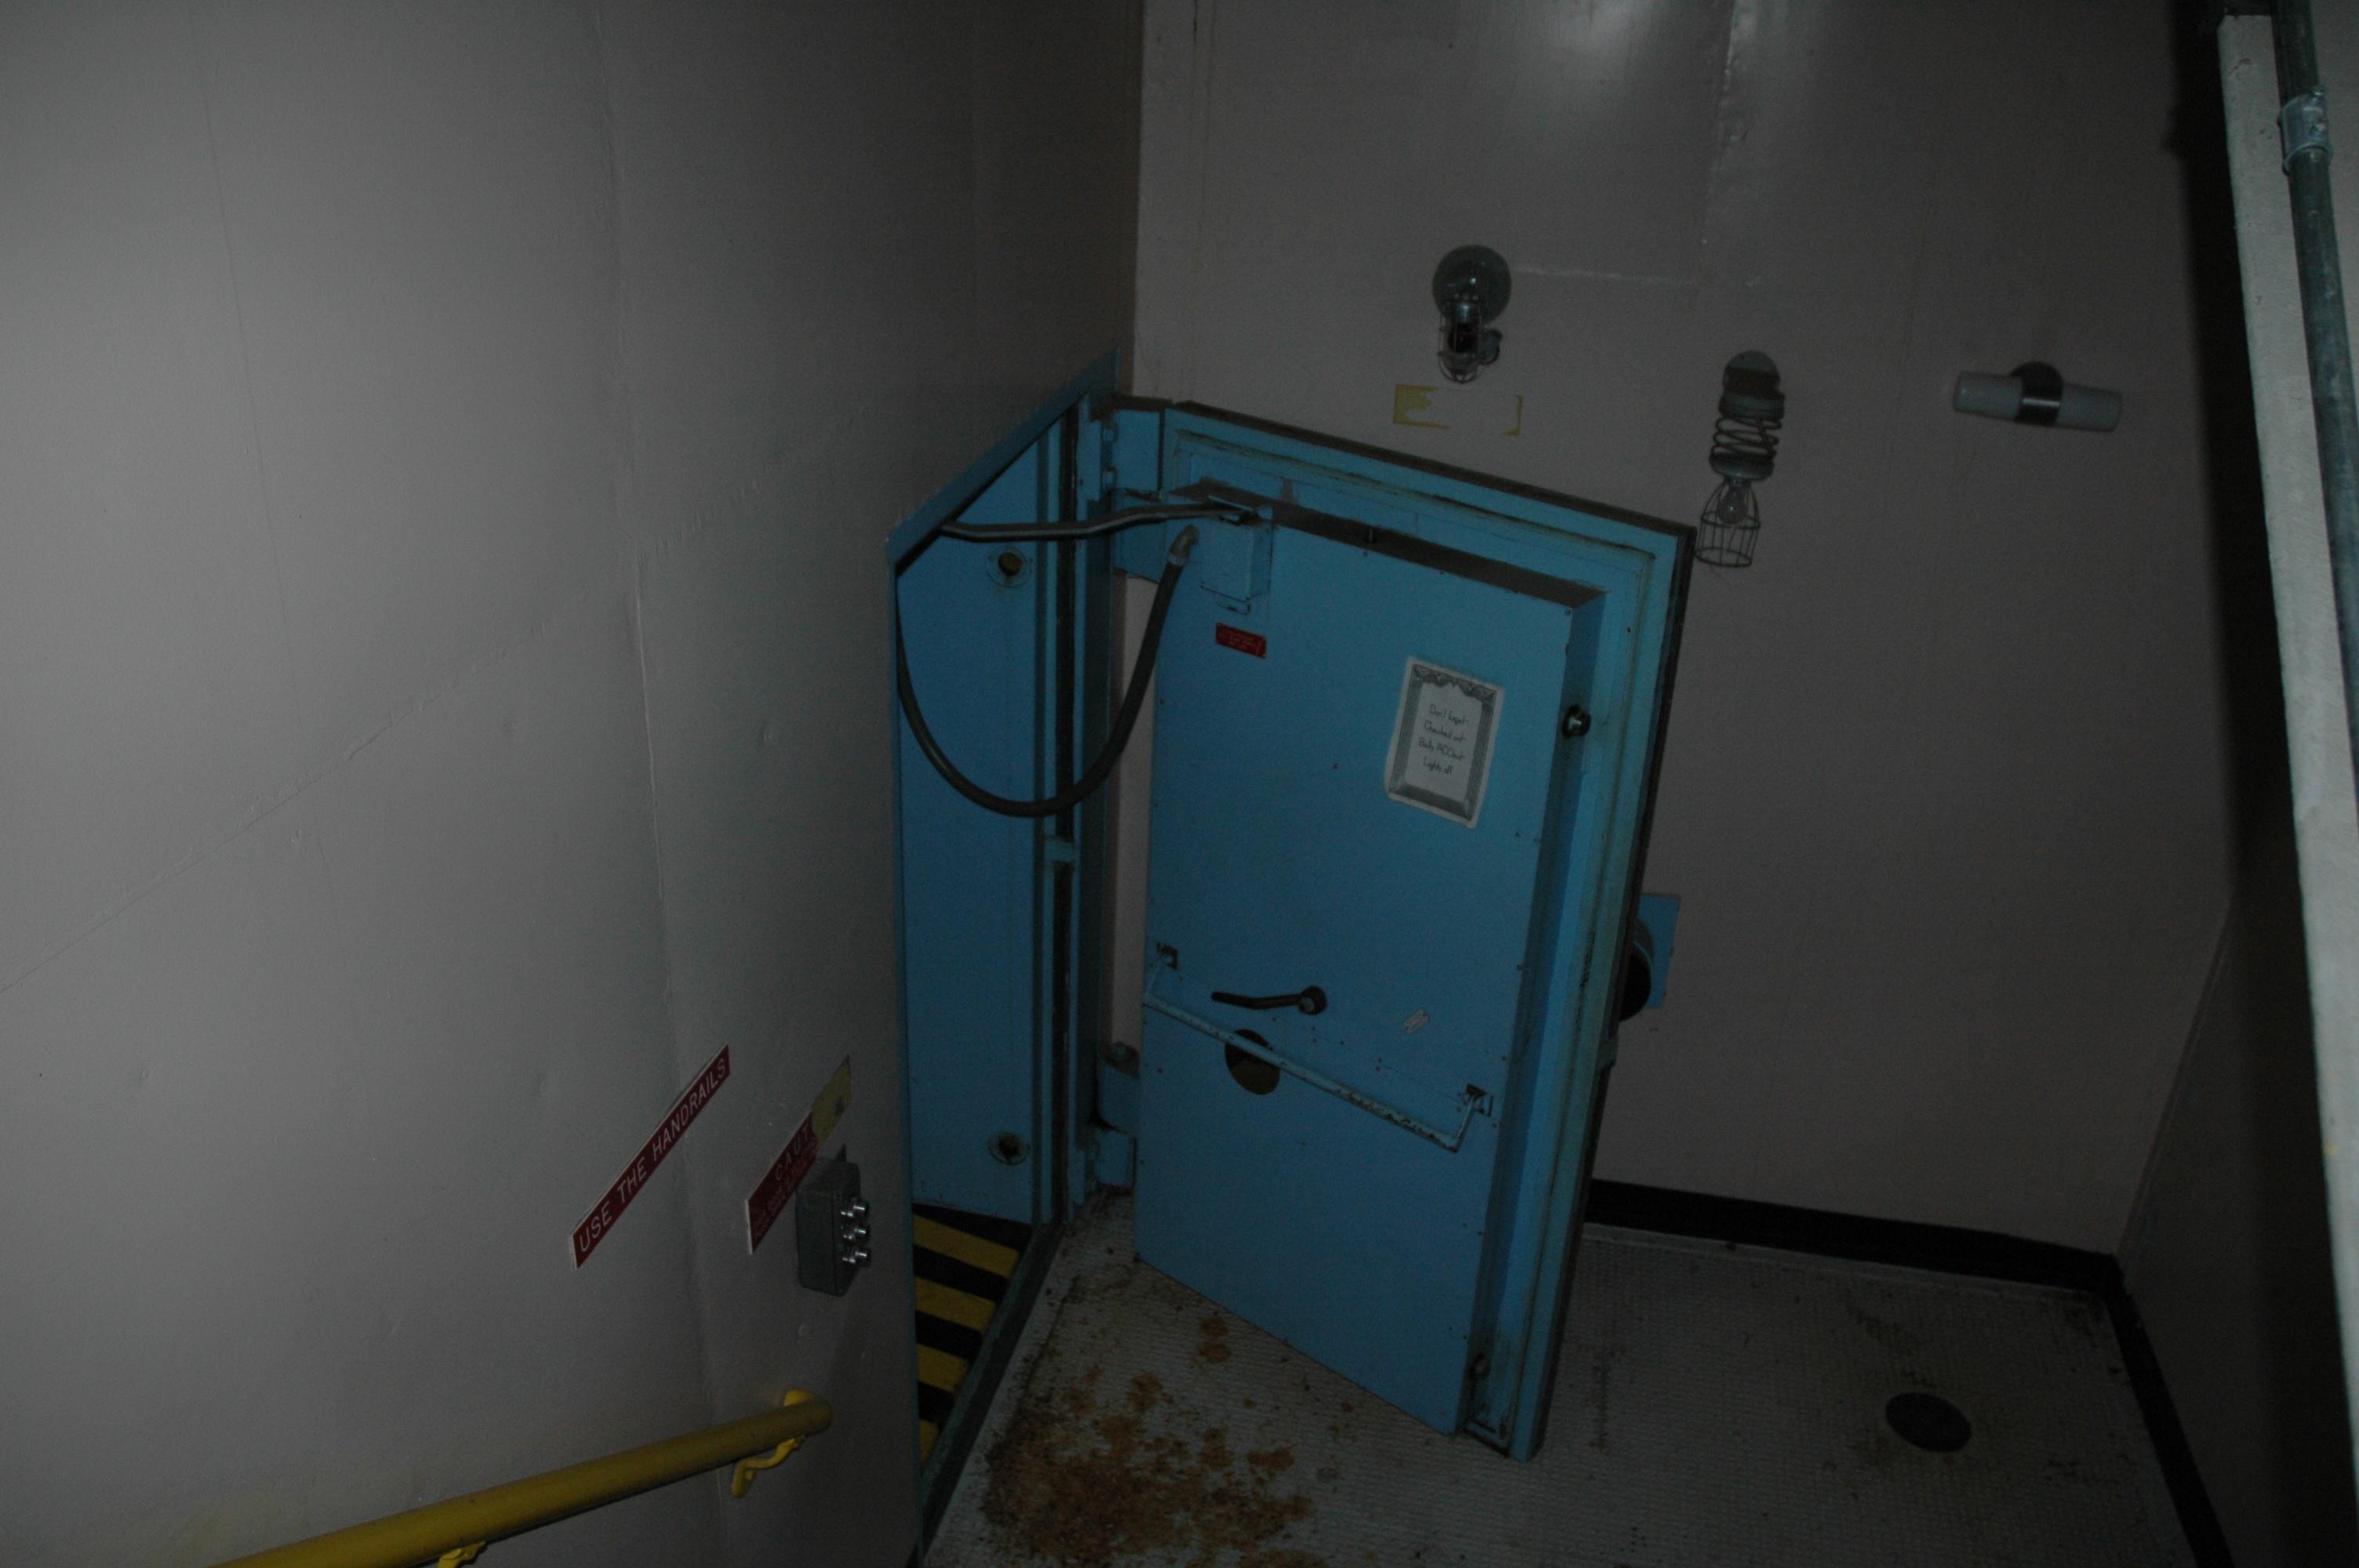 underground data center for sale